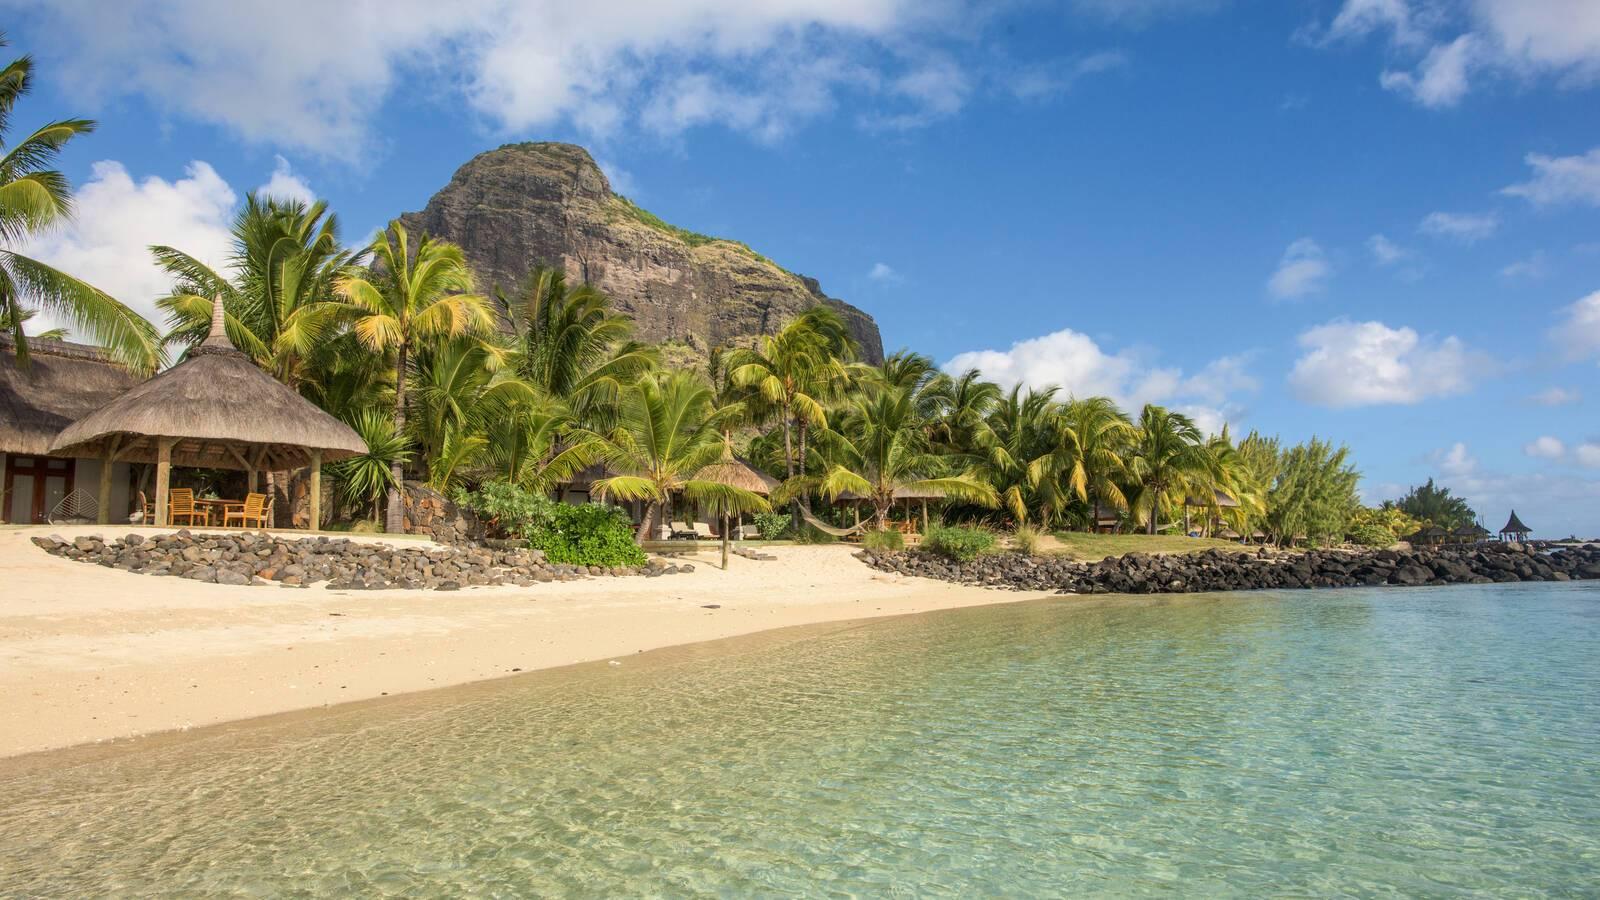 Paradis Beachcomber Plage maurice